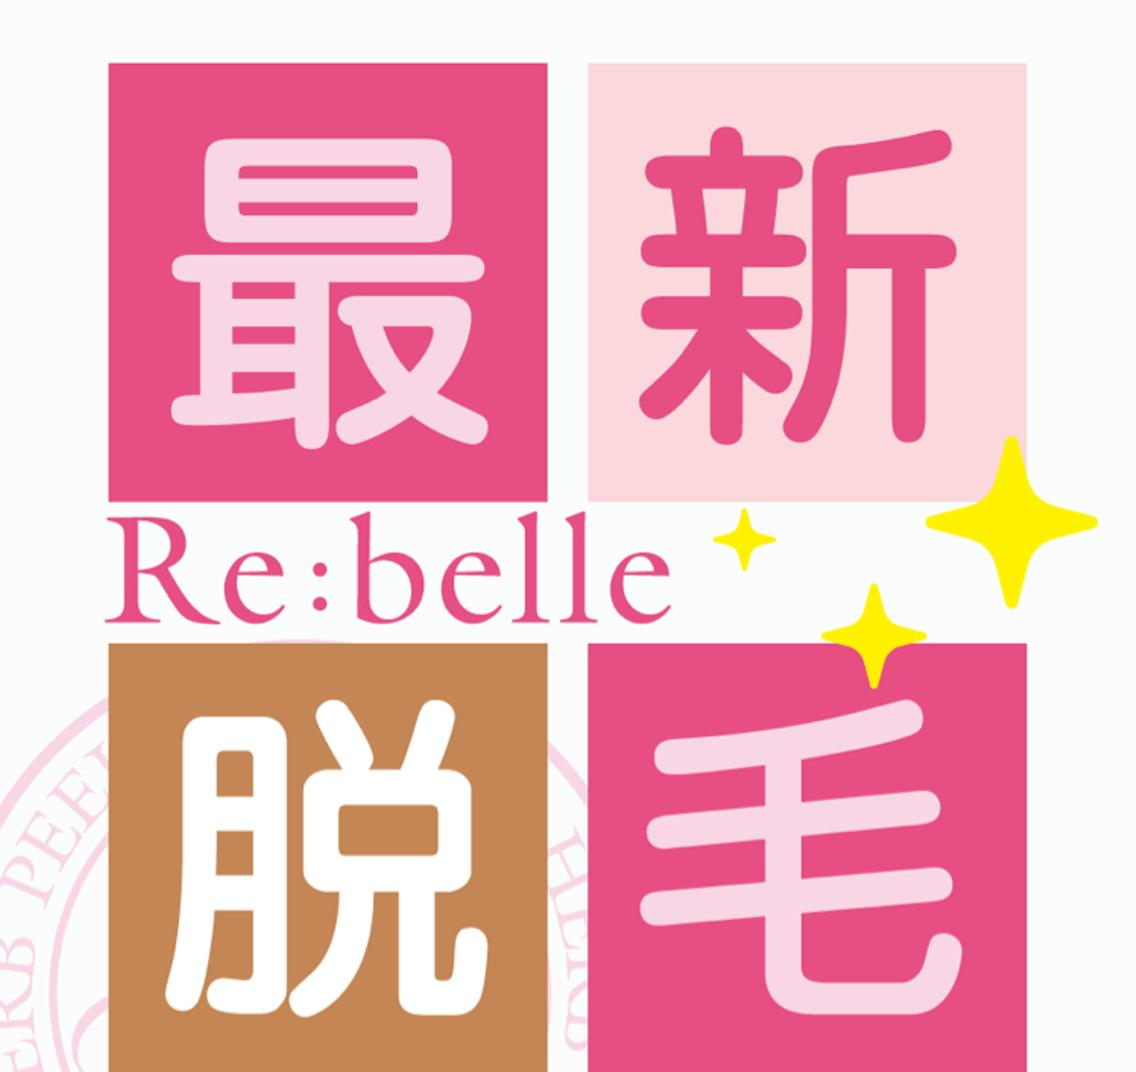 脱毛 Rebelle名古屋所属・リベル 名古屋脱毛部門【完全都度払い】の掲載